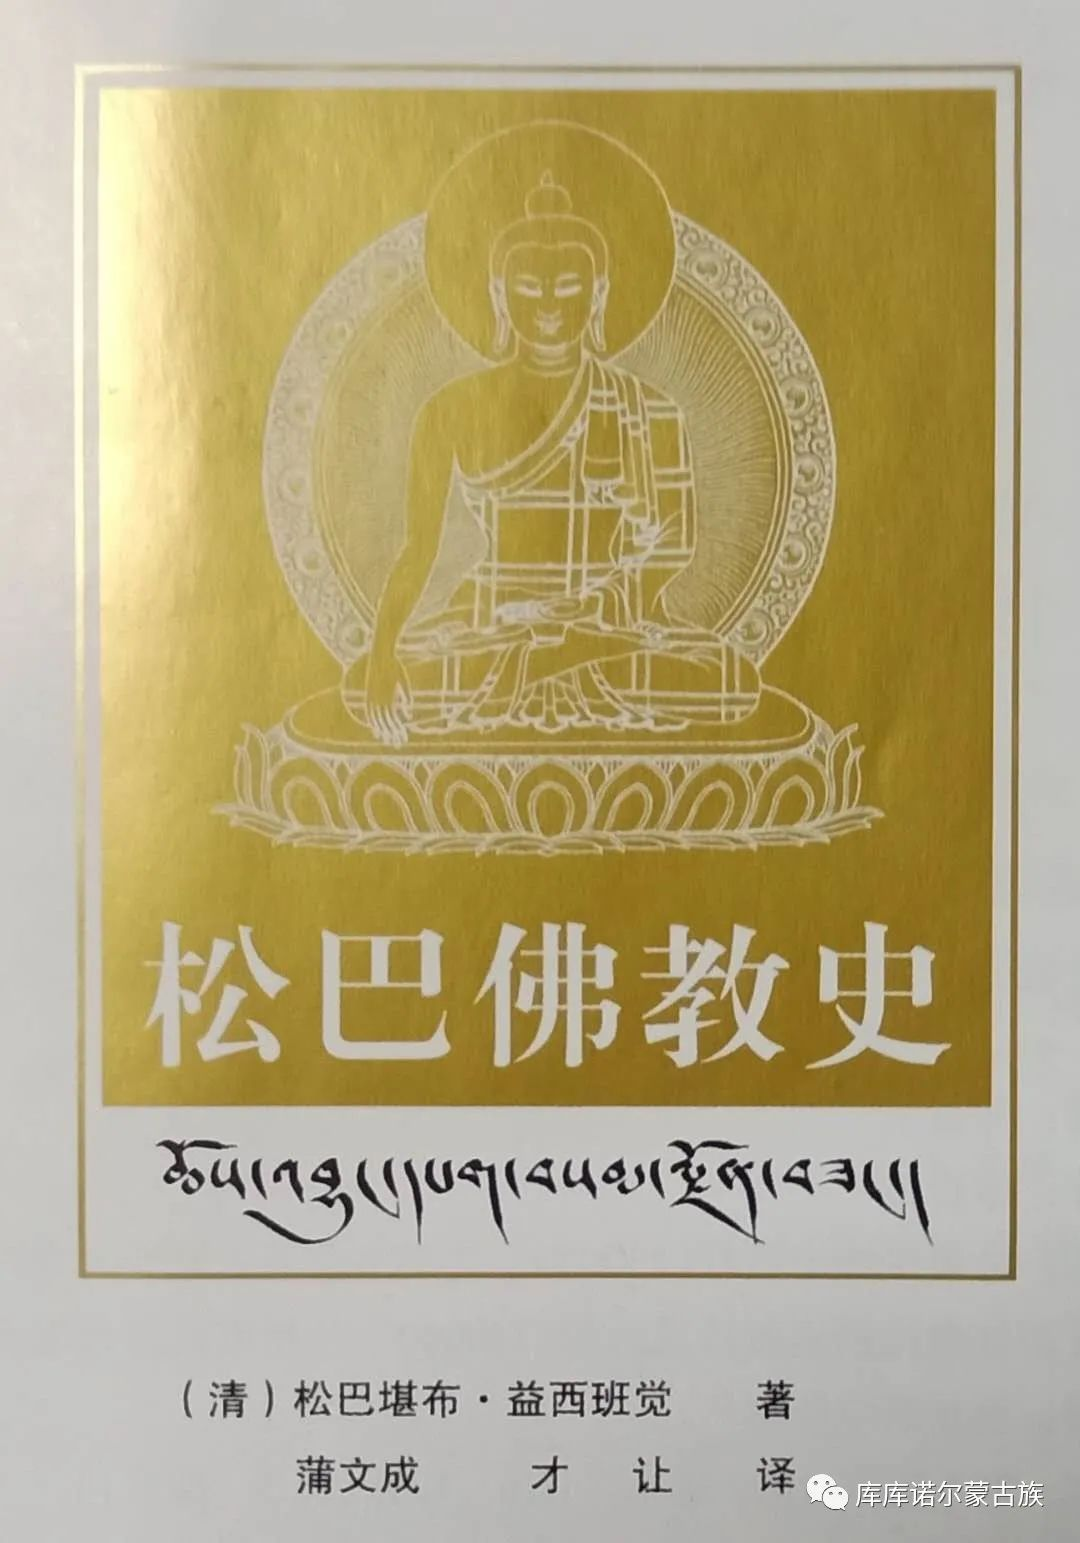 蒙古族藏文佛教历史著作及其特征 第6张 蒙古族藏文佛教历史著作及其特征 蒙古文化